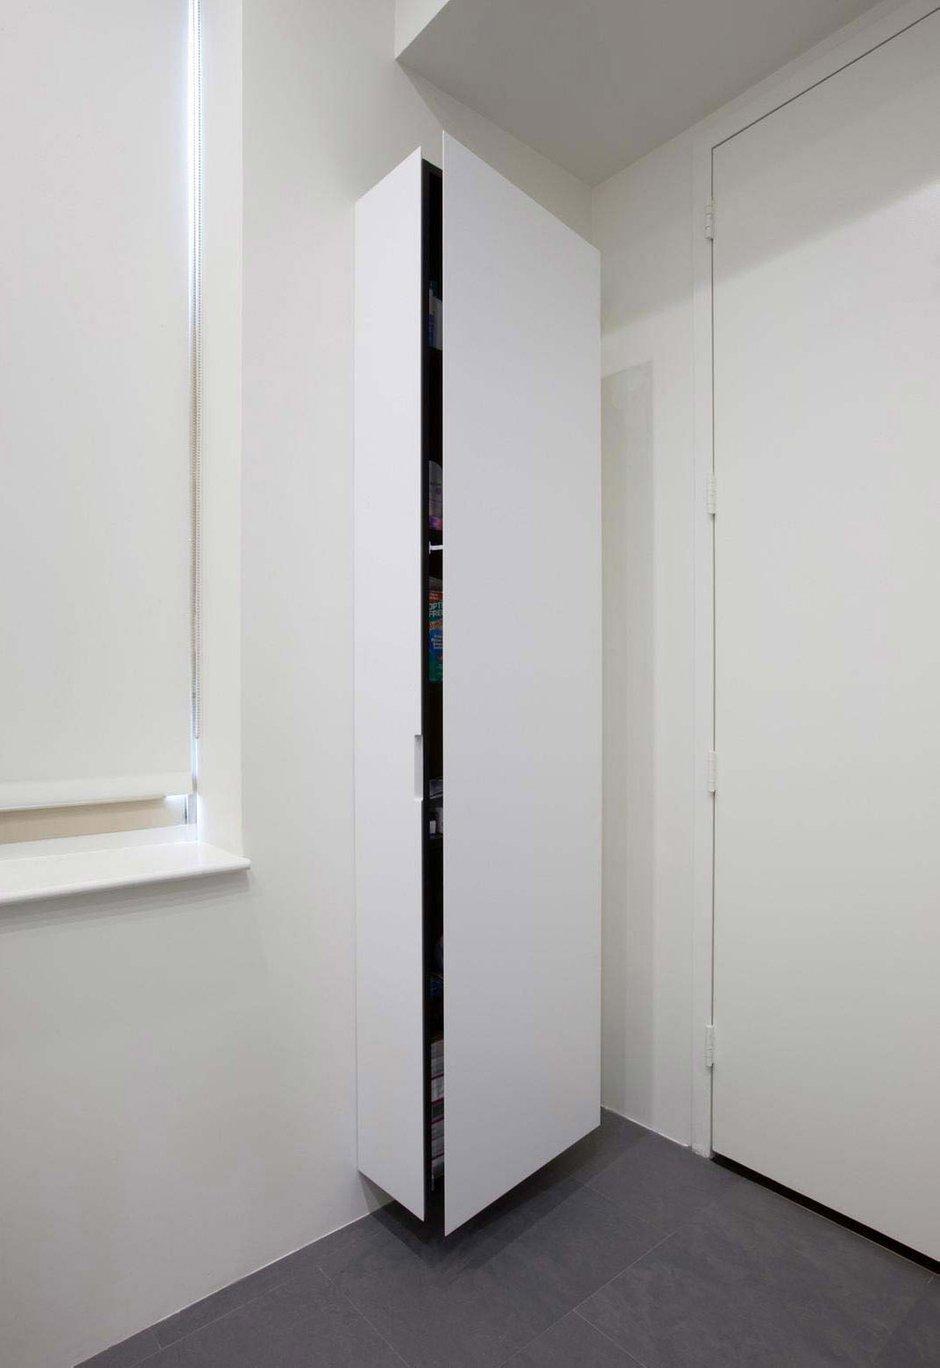 Фотография: Прихожая в стиле Скандинавский, Кухня и столовая, Интерьер комнат, Цвет в интерьере, Белый – фото на INMYROOM